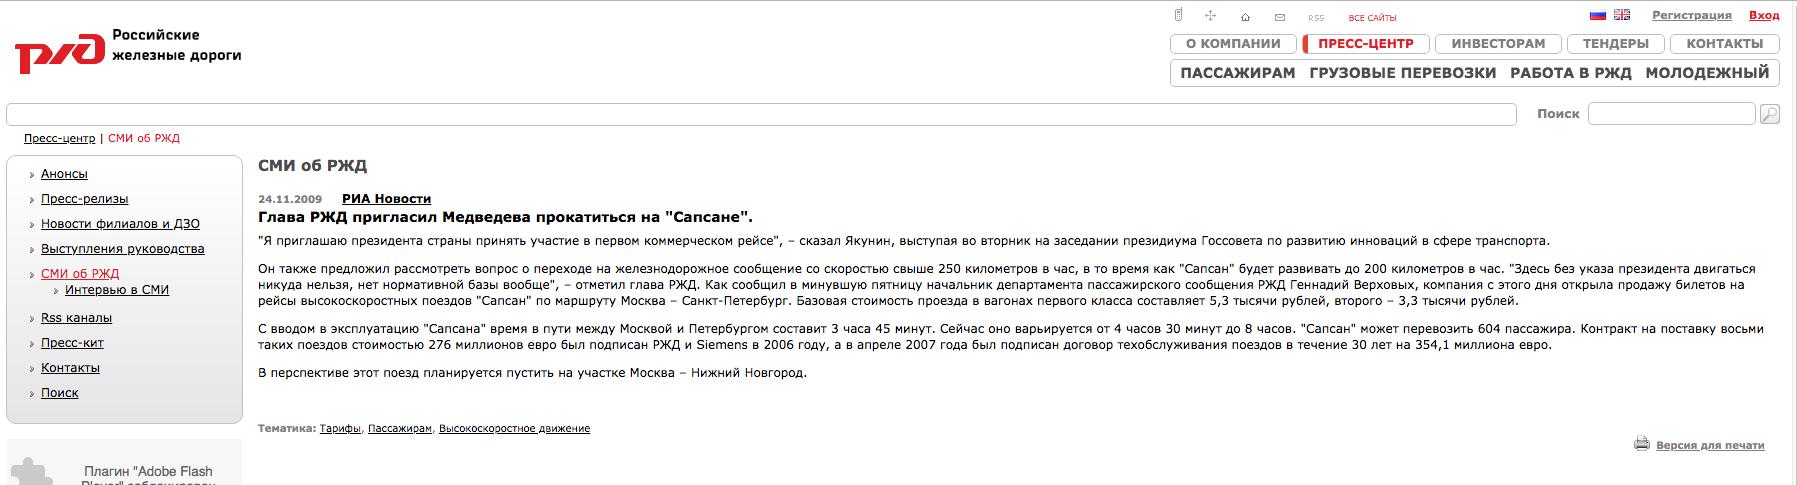 """Фото © Скриншот с сайта ОАО """"РЖД"""""""